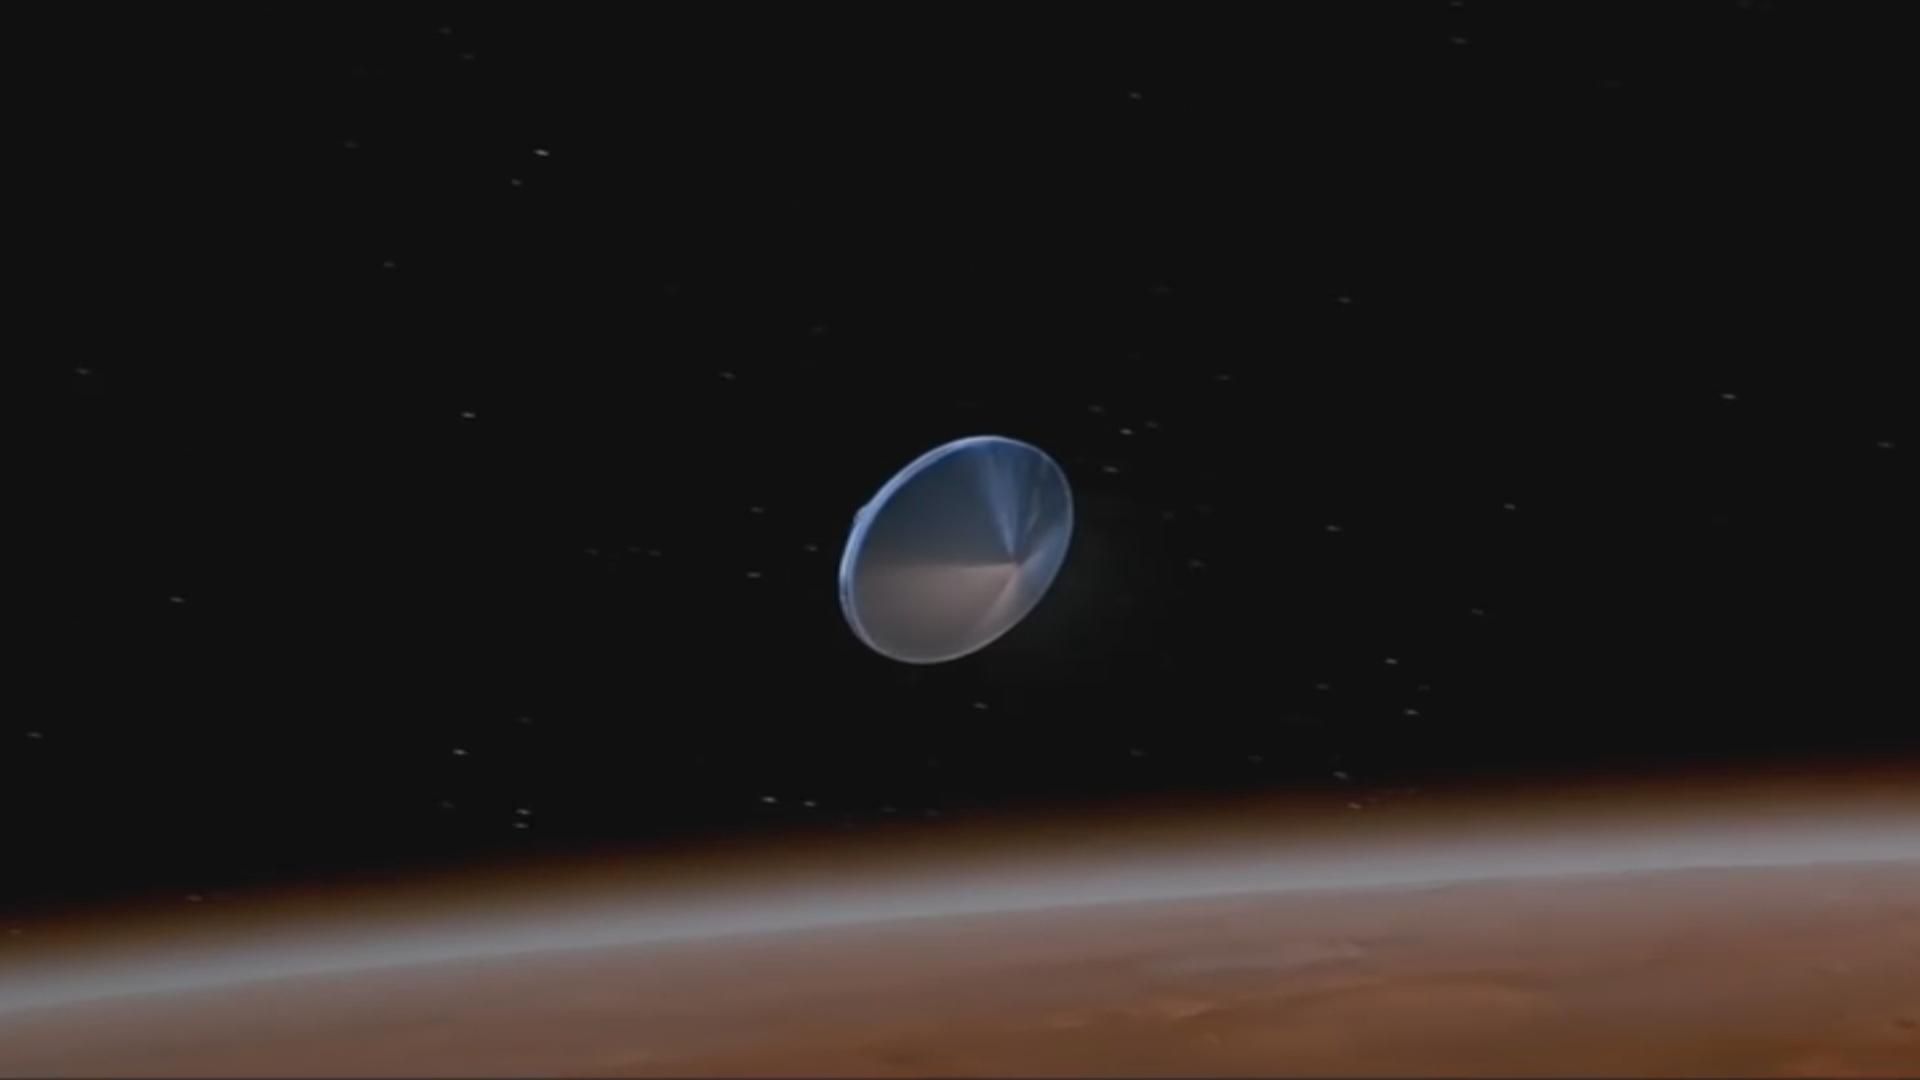 Marsda yadplanetlilərin yaşaması üçün ideal yer aşkar edildi